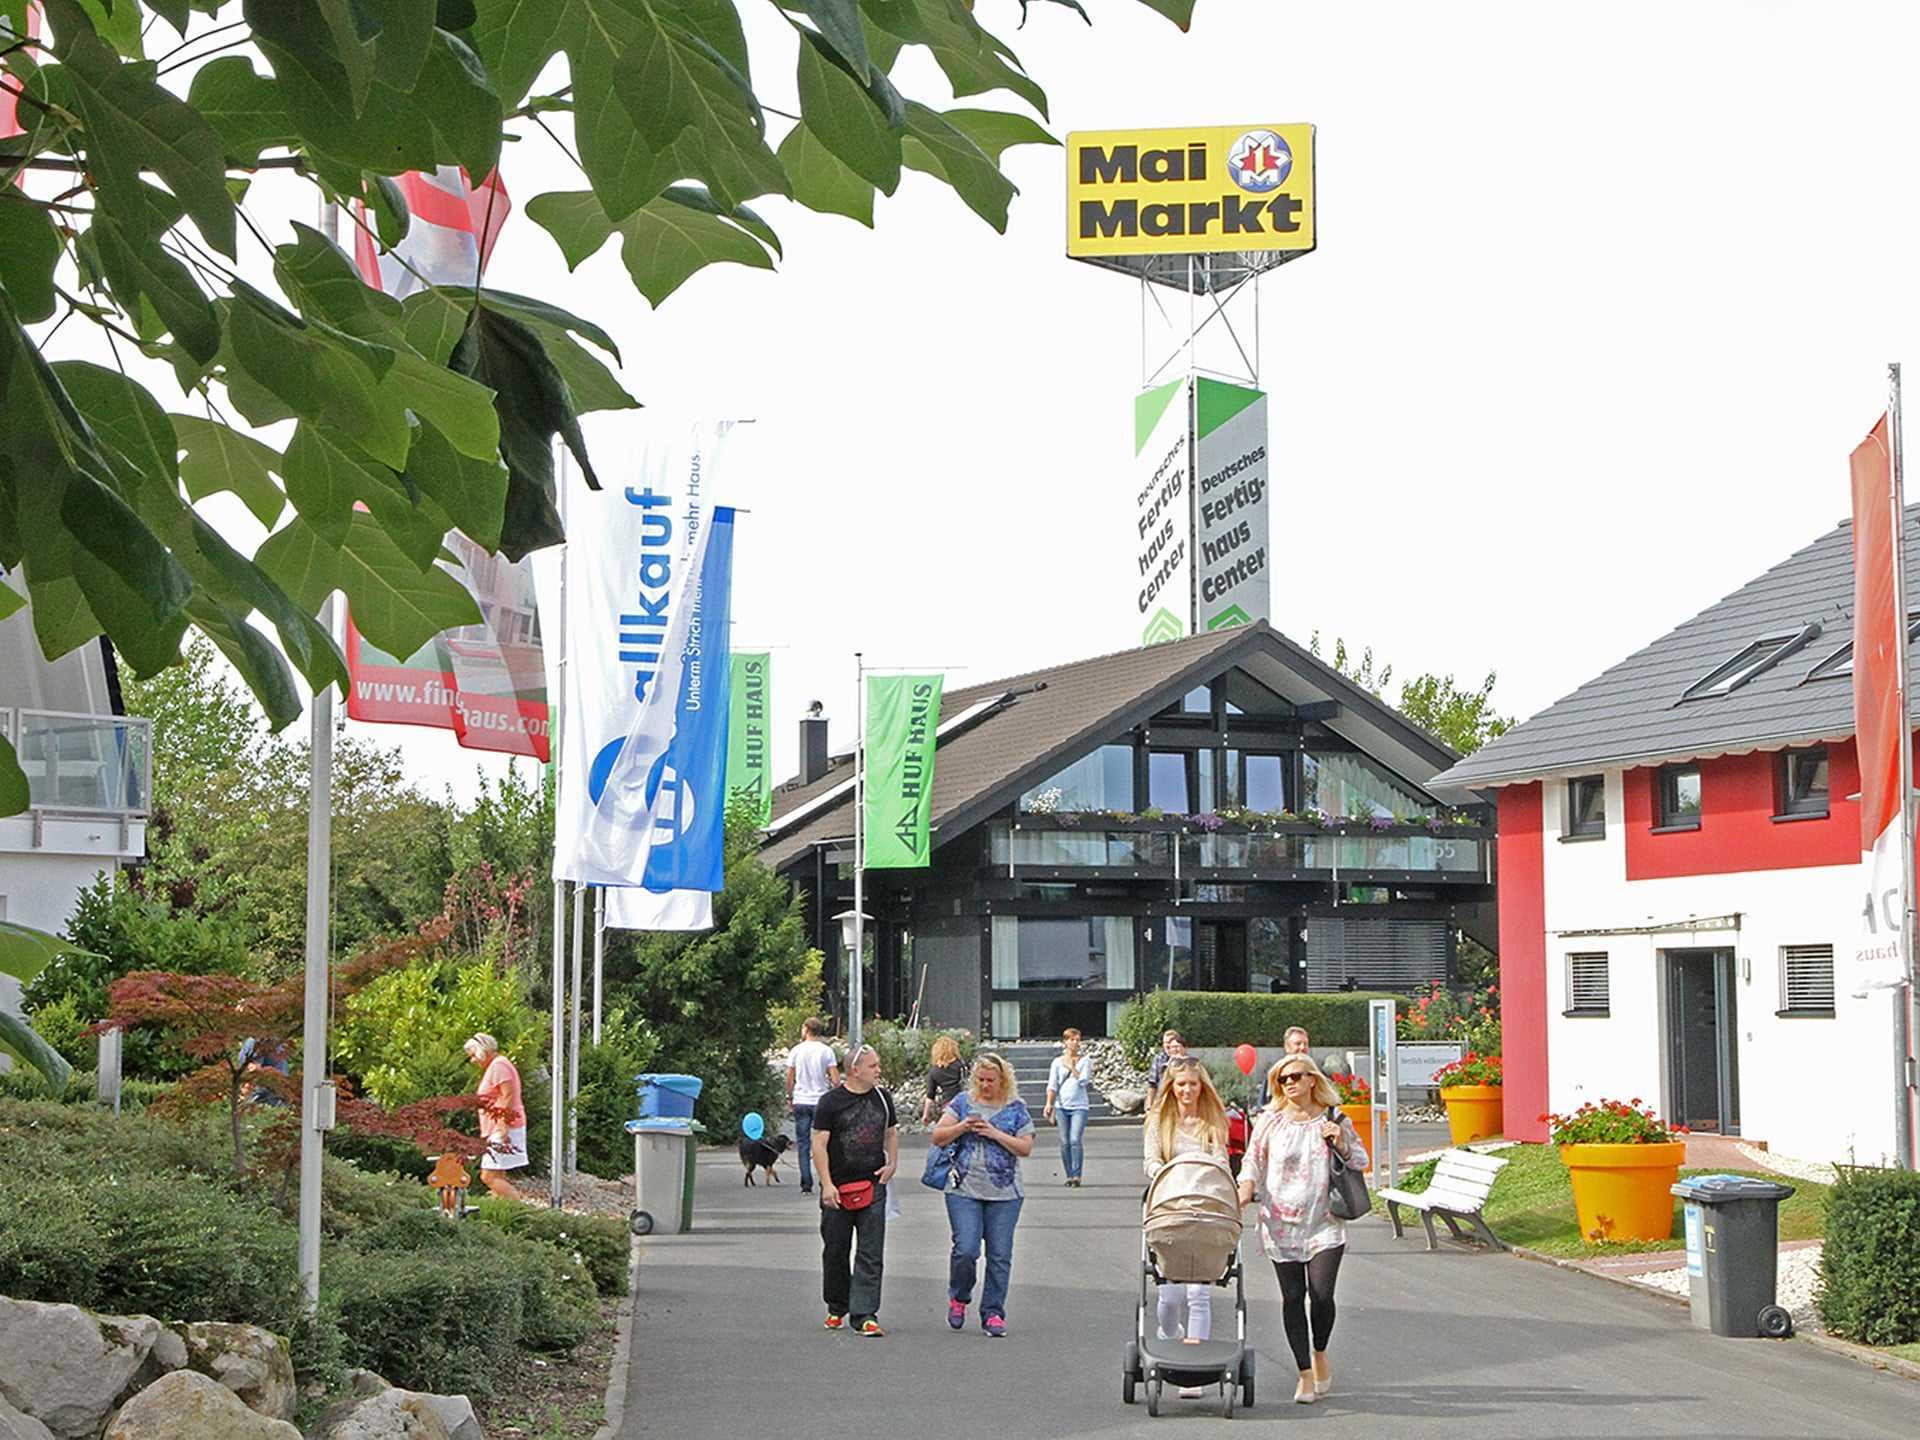 bien zenker mannheim Fertighaus enter Mannheim